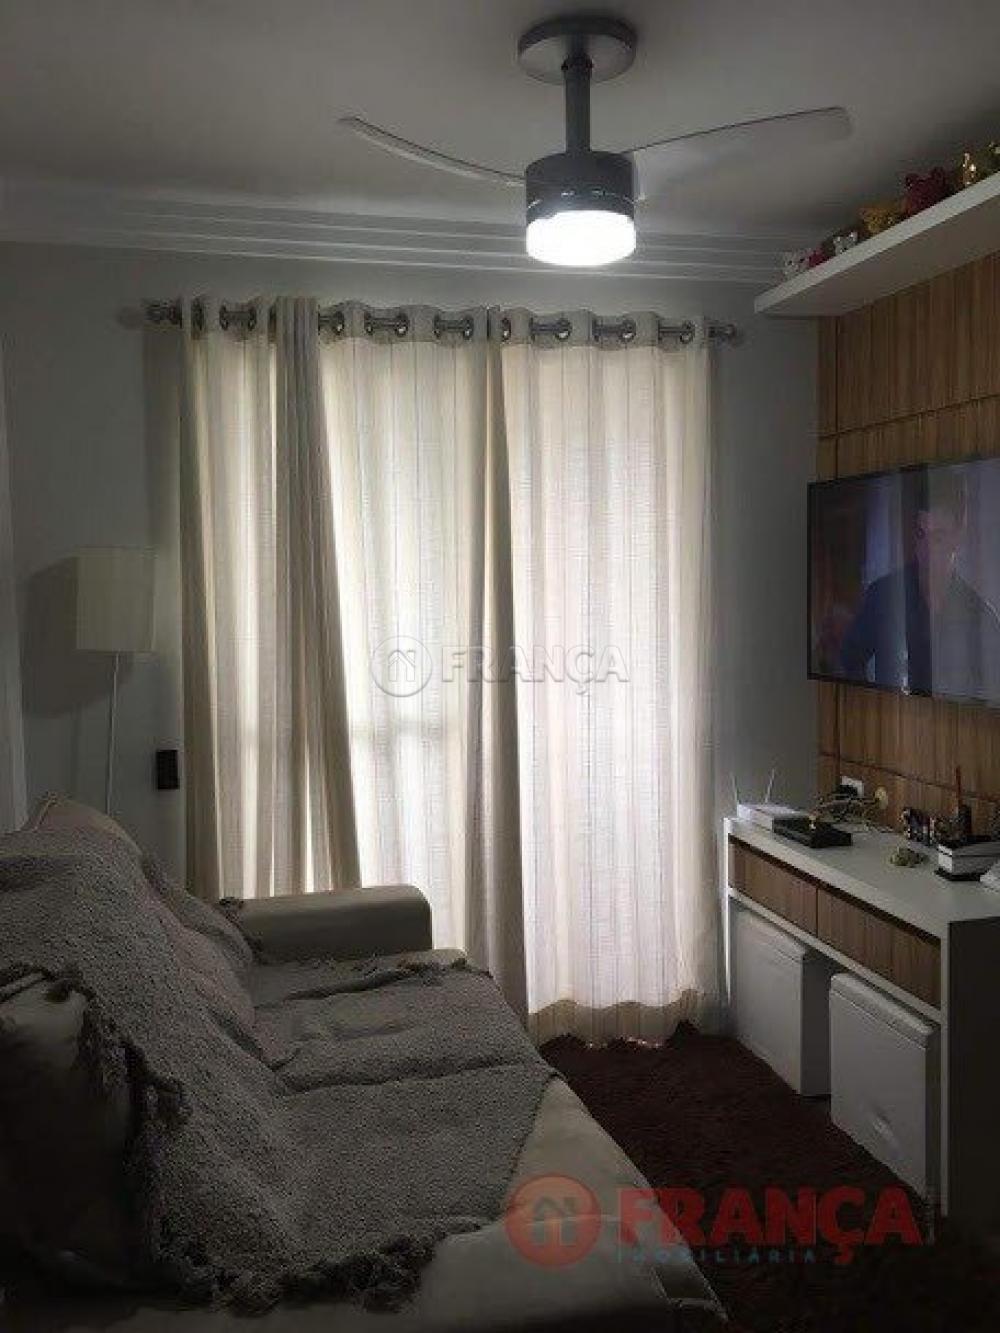 Comprar Apartamento / Padrão em Jacareí apenas R$ 330.000,00 - Foto 16